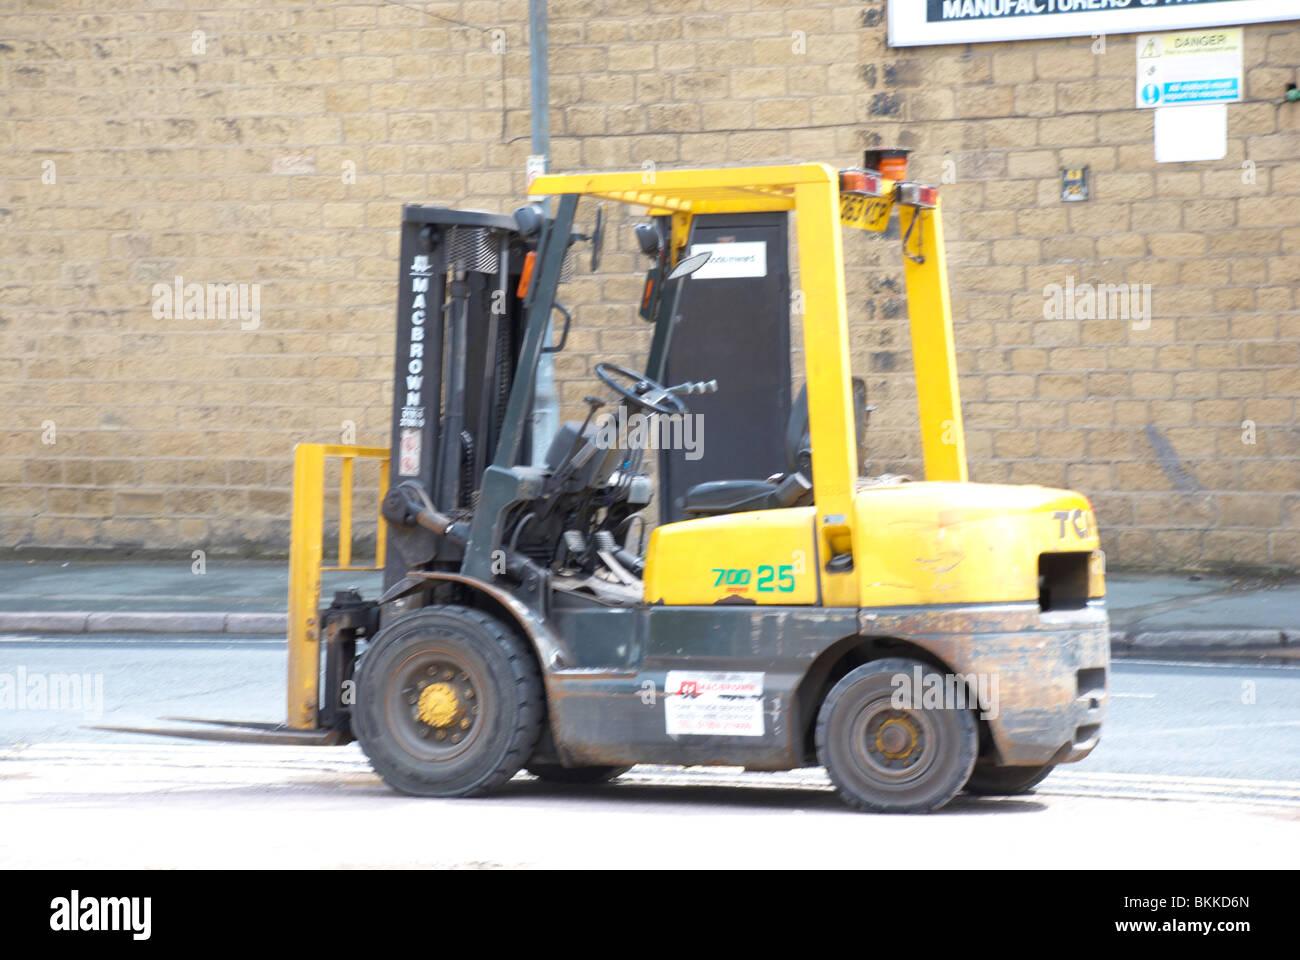 Forklift truck. Stock Photo